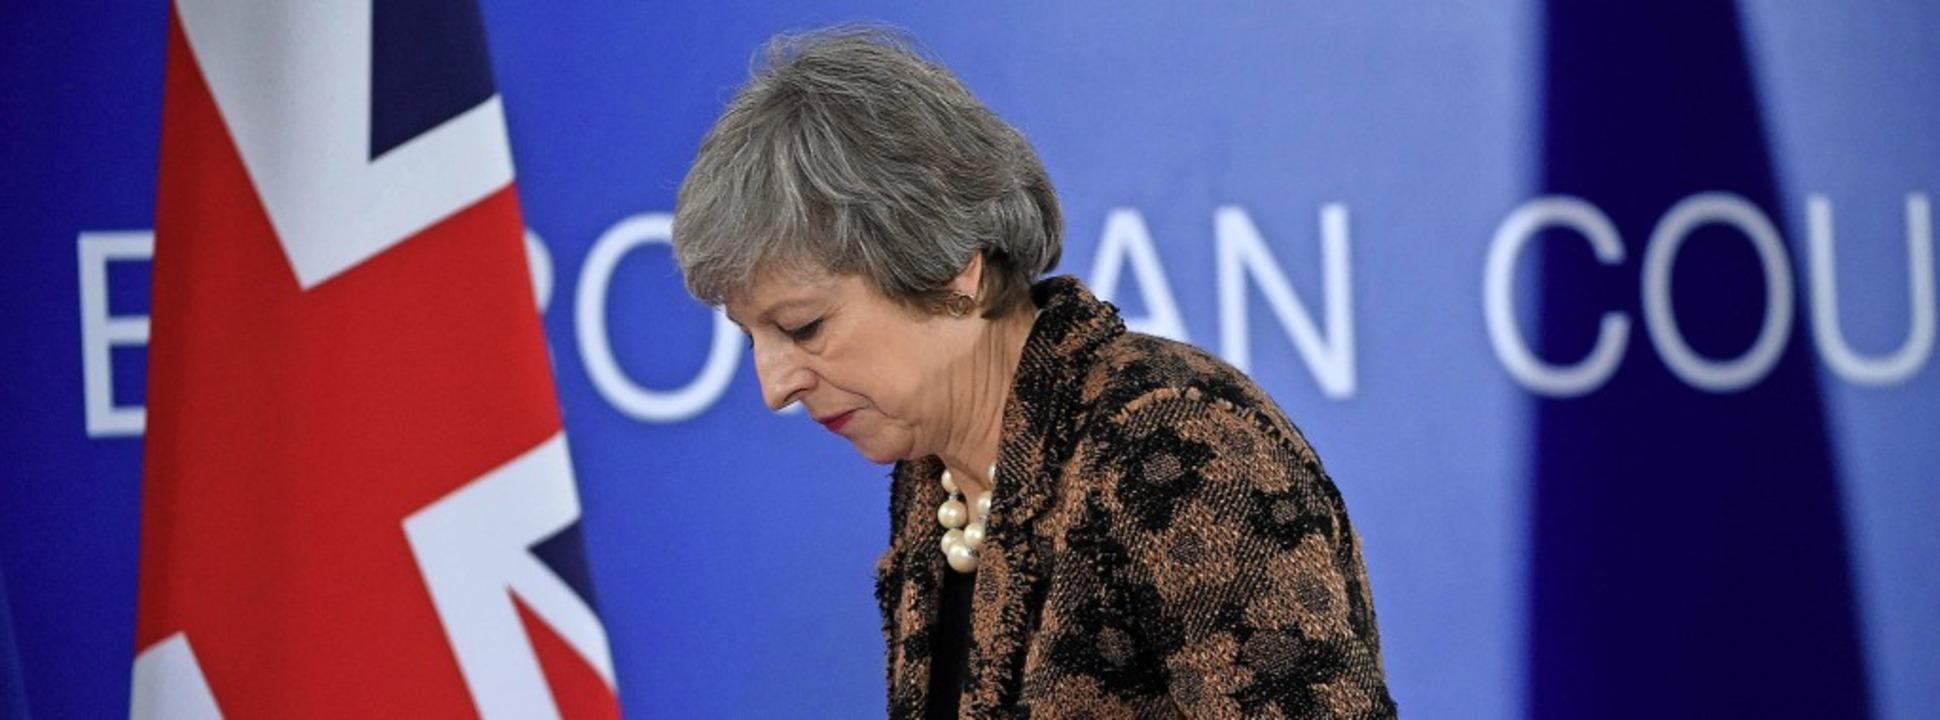 Theresa May hat in Brüssel nichts Substanzielles erreicht.     Foto: AFP